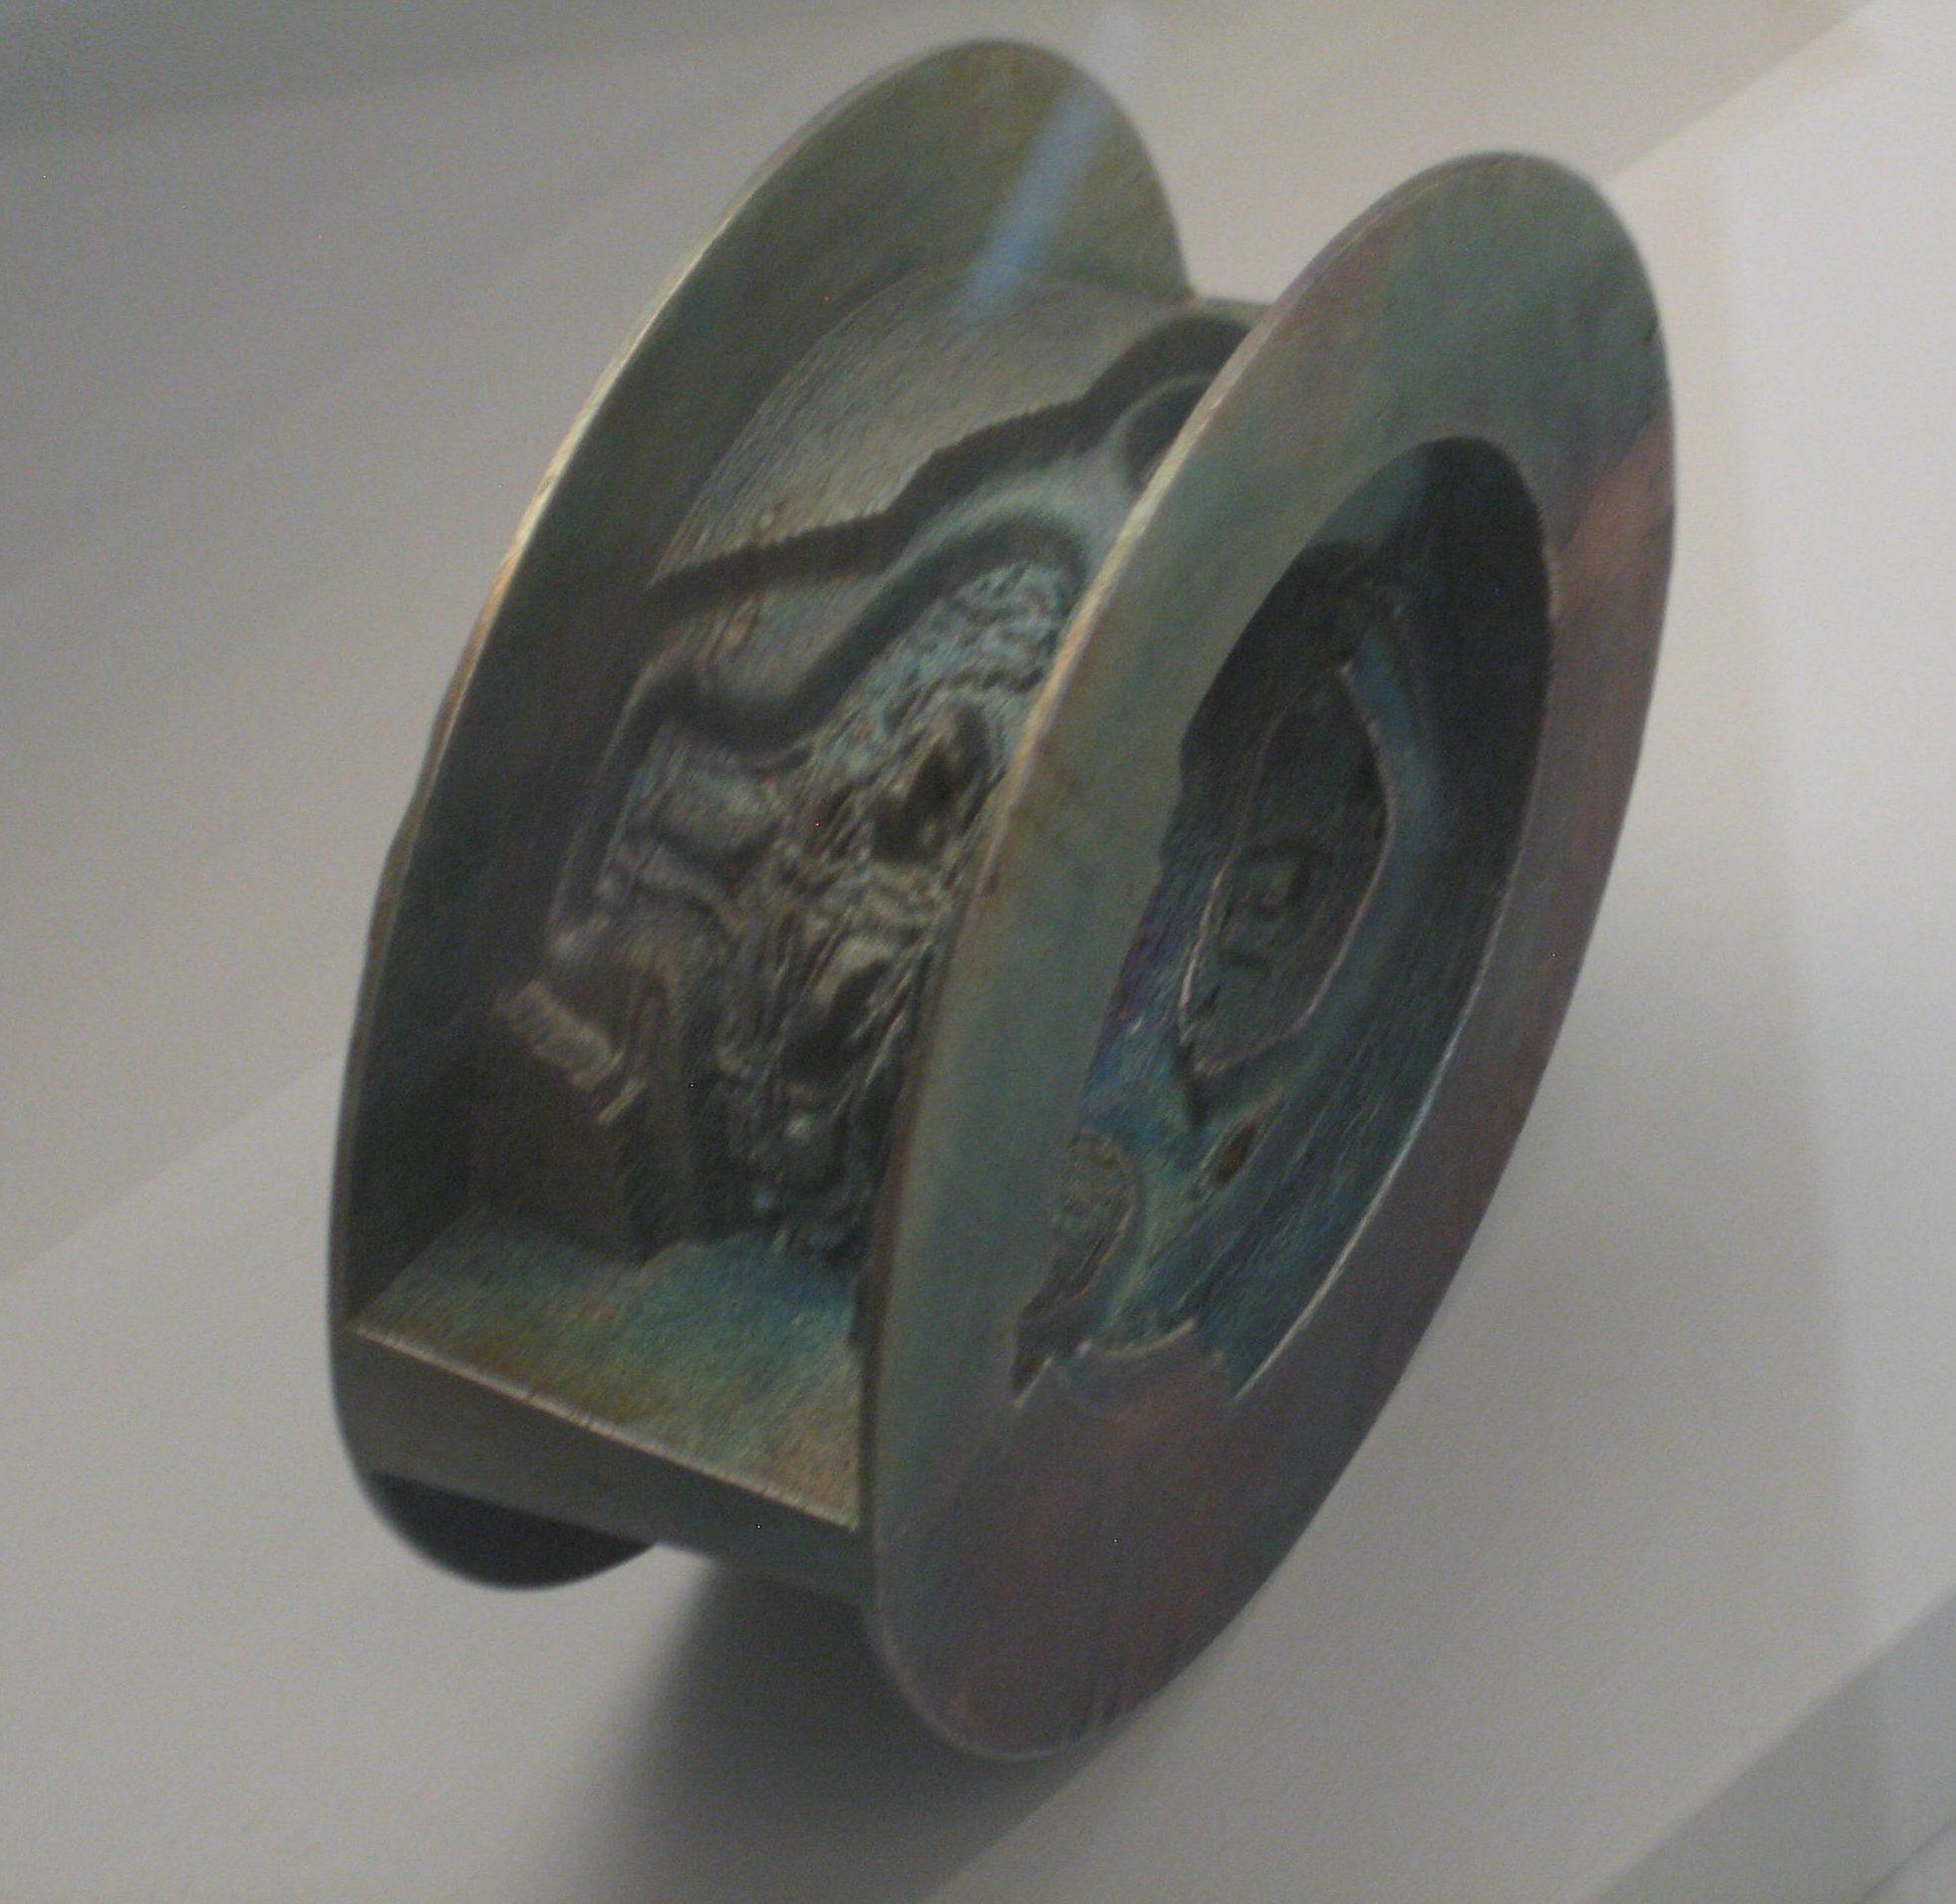 Beate Eismann, armband, 2011. Future Form, CODA, 2018, vitrine, tentoonstelling, metaal